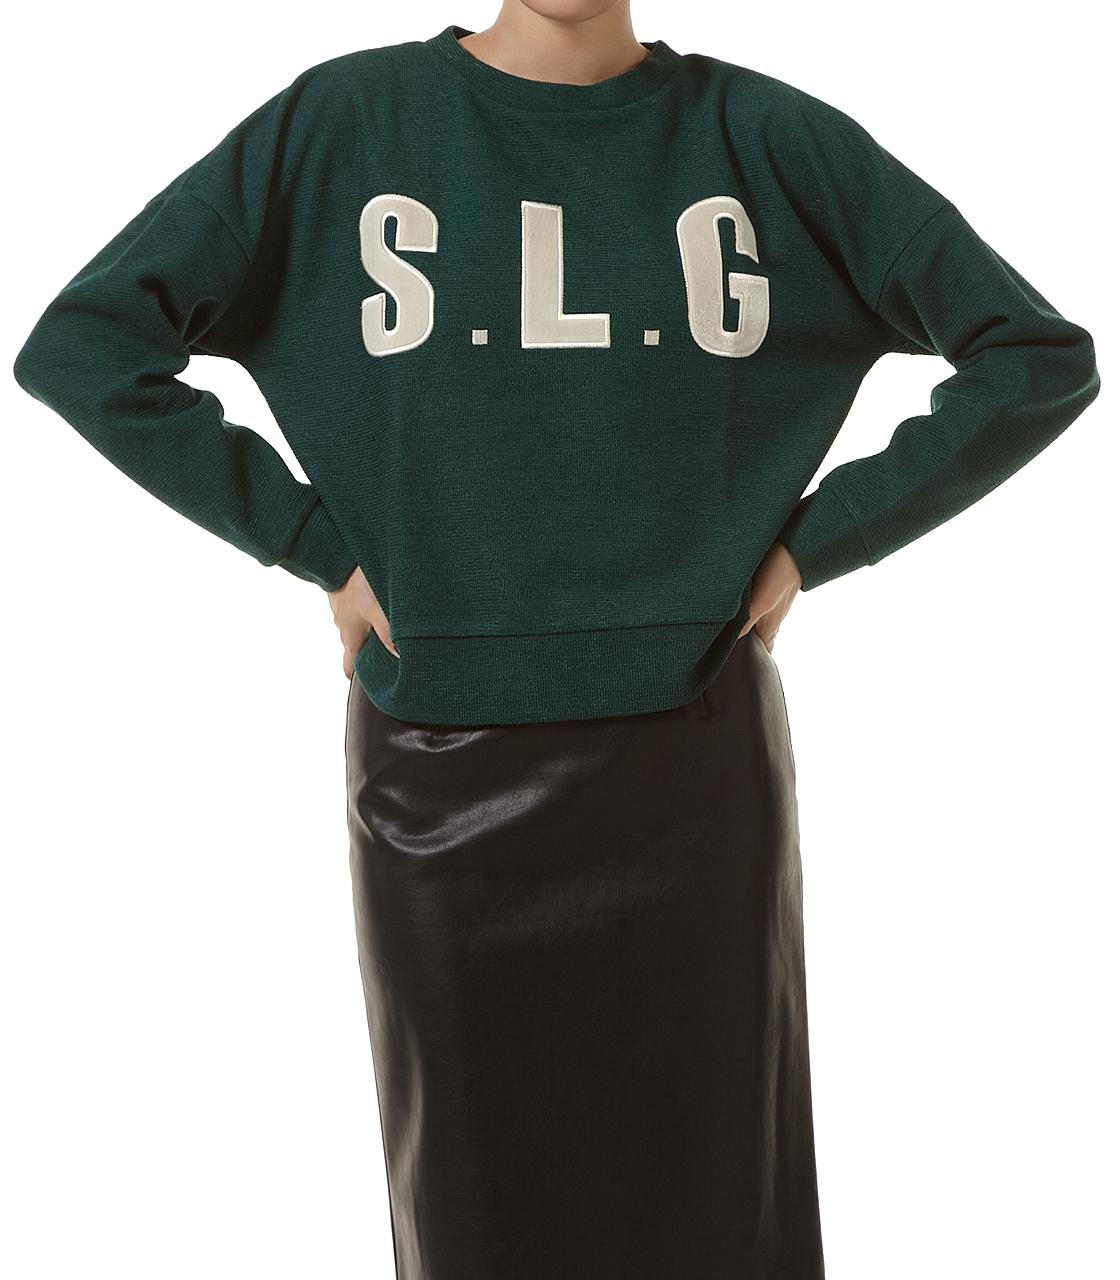 シャツ通販〜SLY LANGブランドの【SLY LANG】イニシャル ポンチPO/ブランド/トレンド/ブランド/2806AZ80-0610